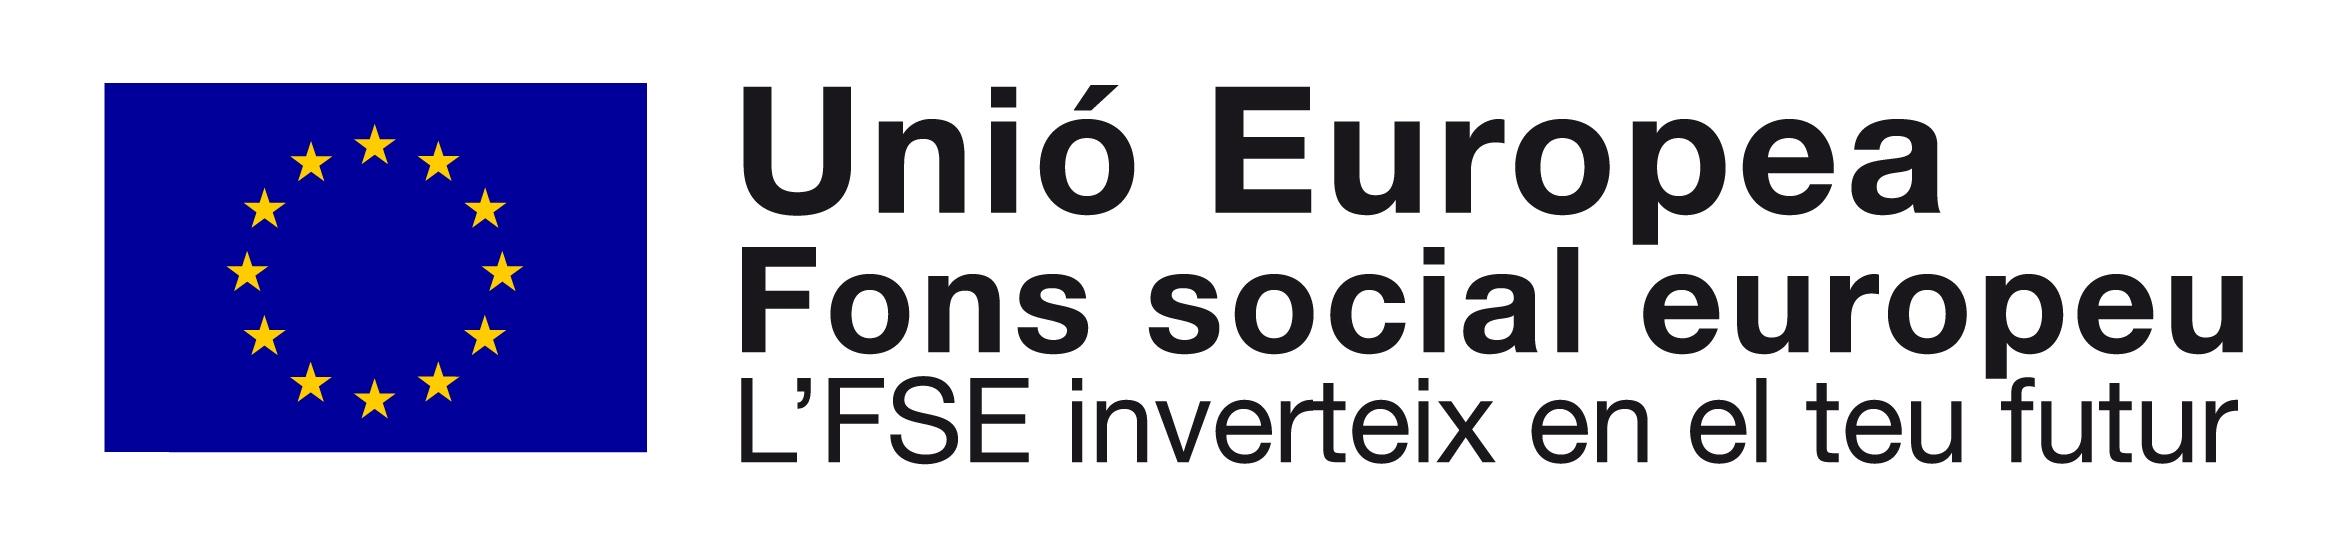 FSE_inverteix en el teu futur.JPG